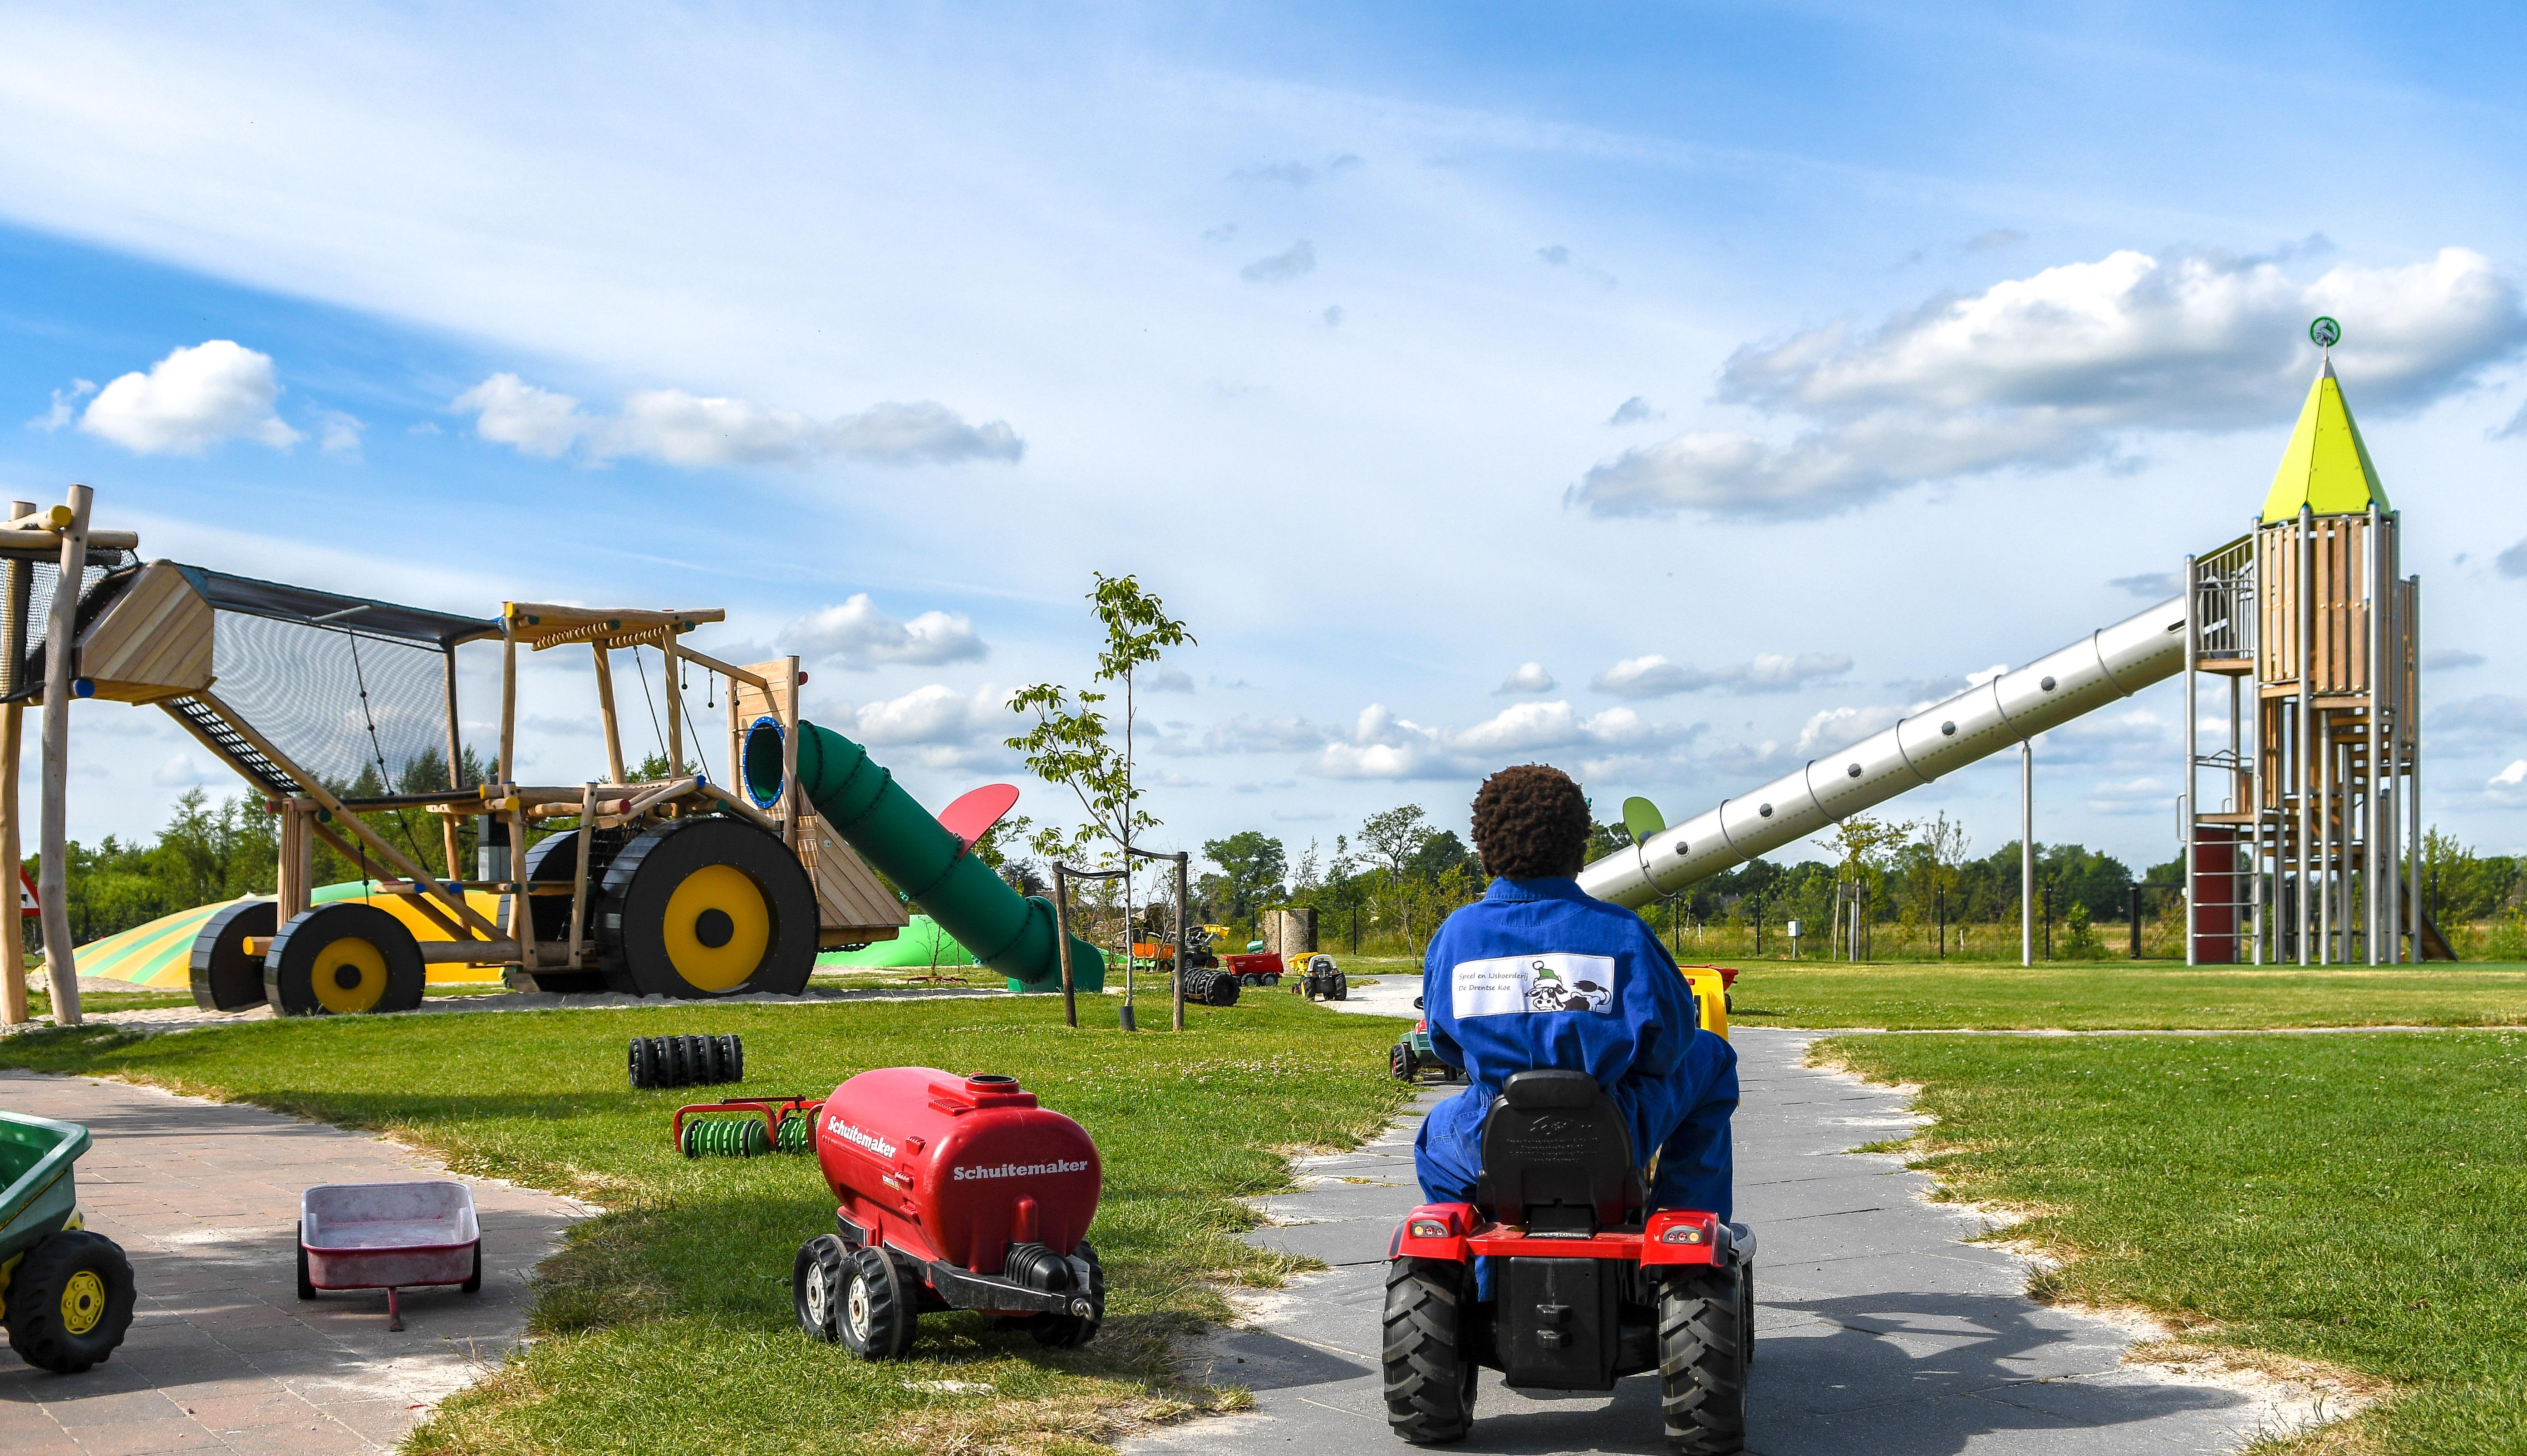 Speel- en ijsboerderij de Drentse Koe in Drenthe is de perfecte plek voor kids deze zomervakantie